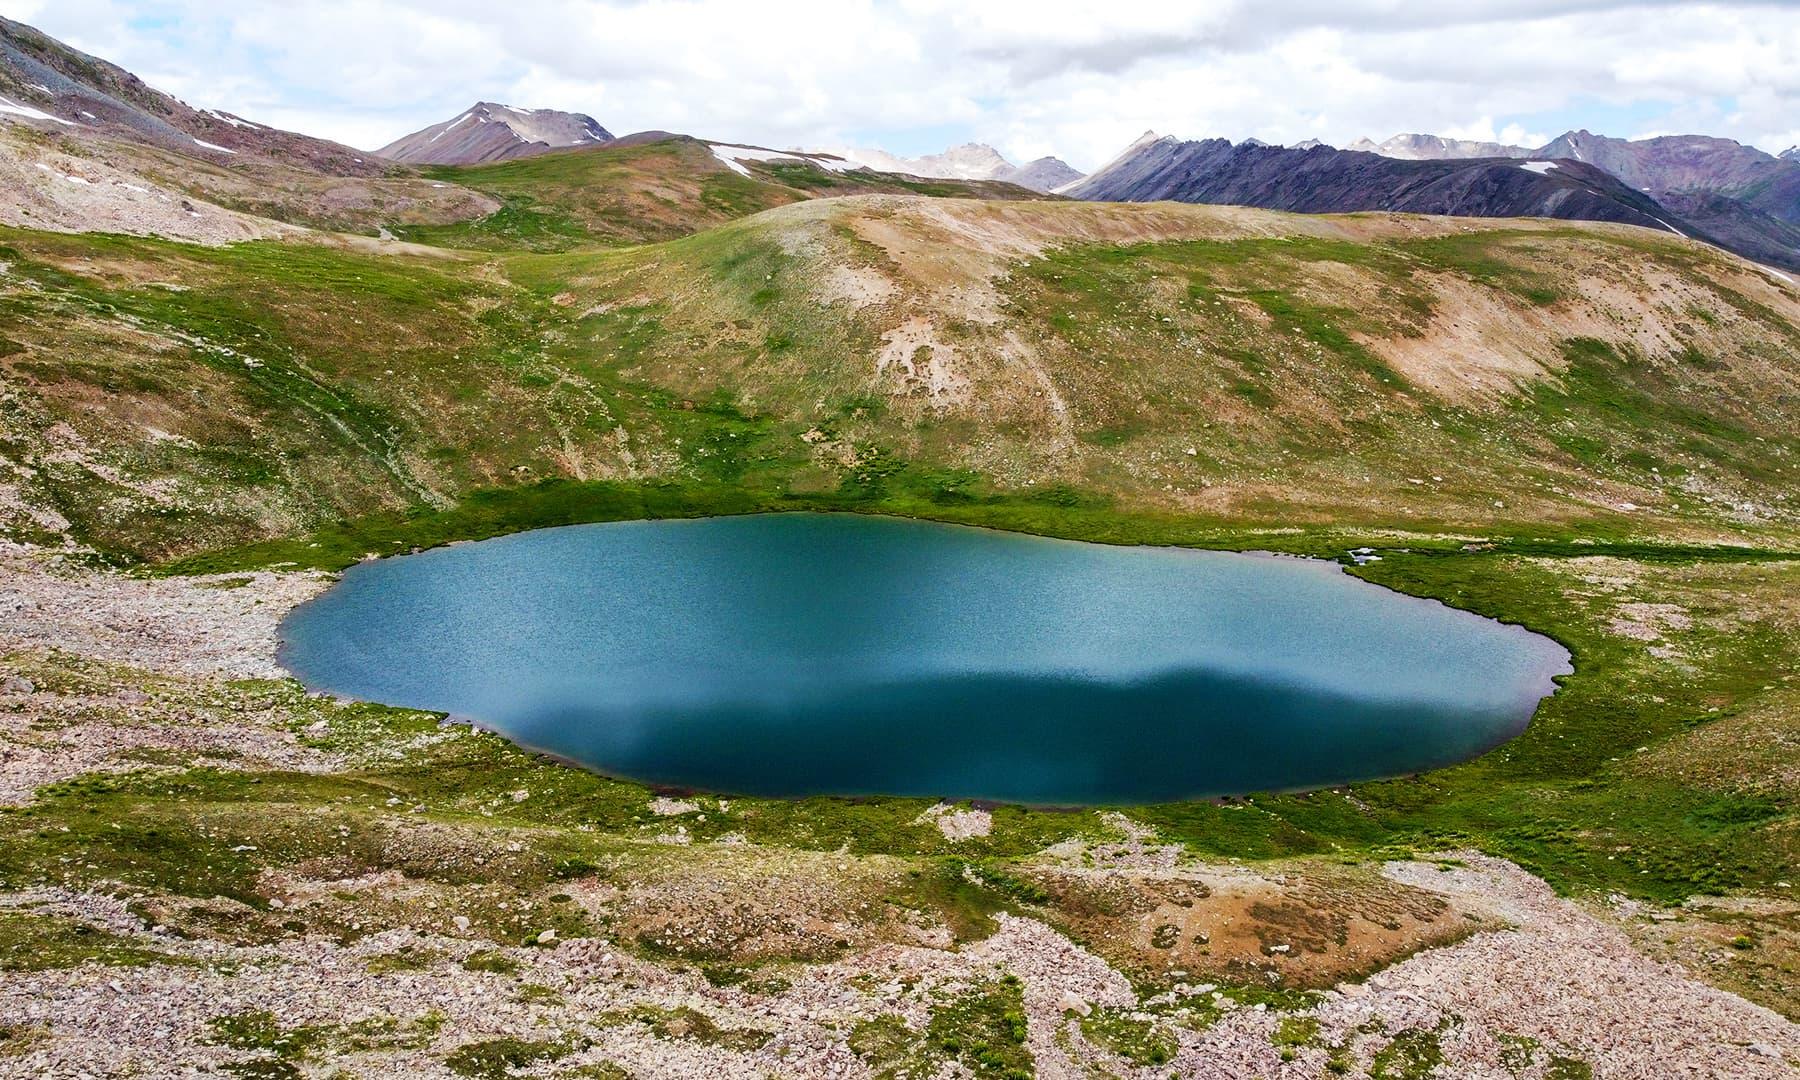 دیوسائی کے خوبصورت پہاڑ اور کسارا جھیل